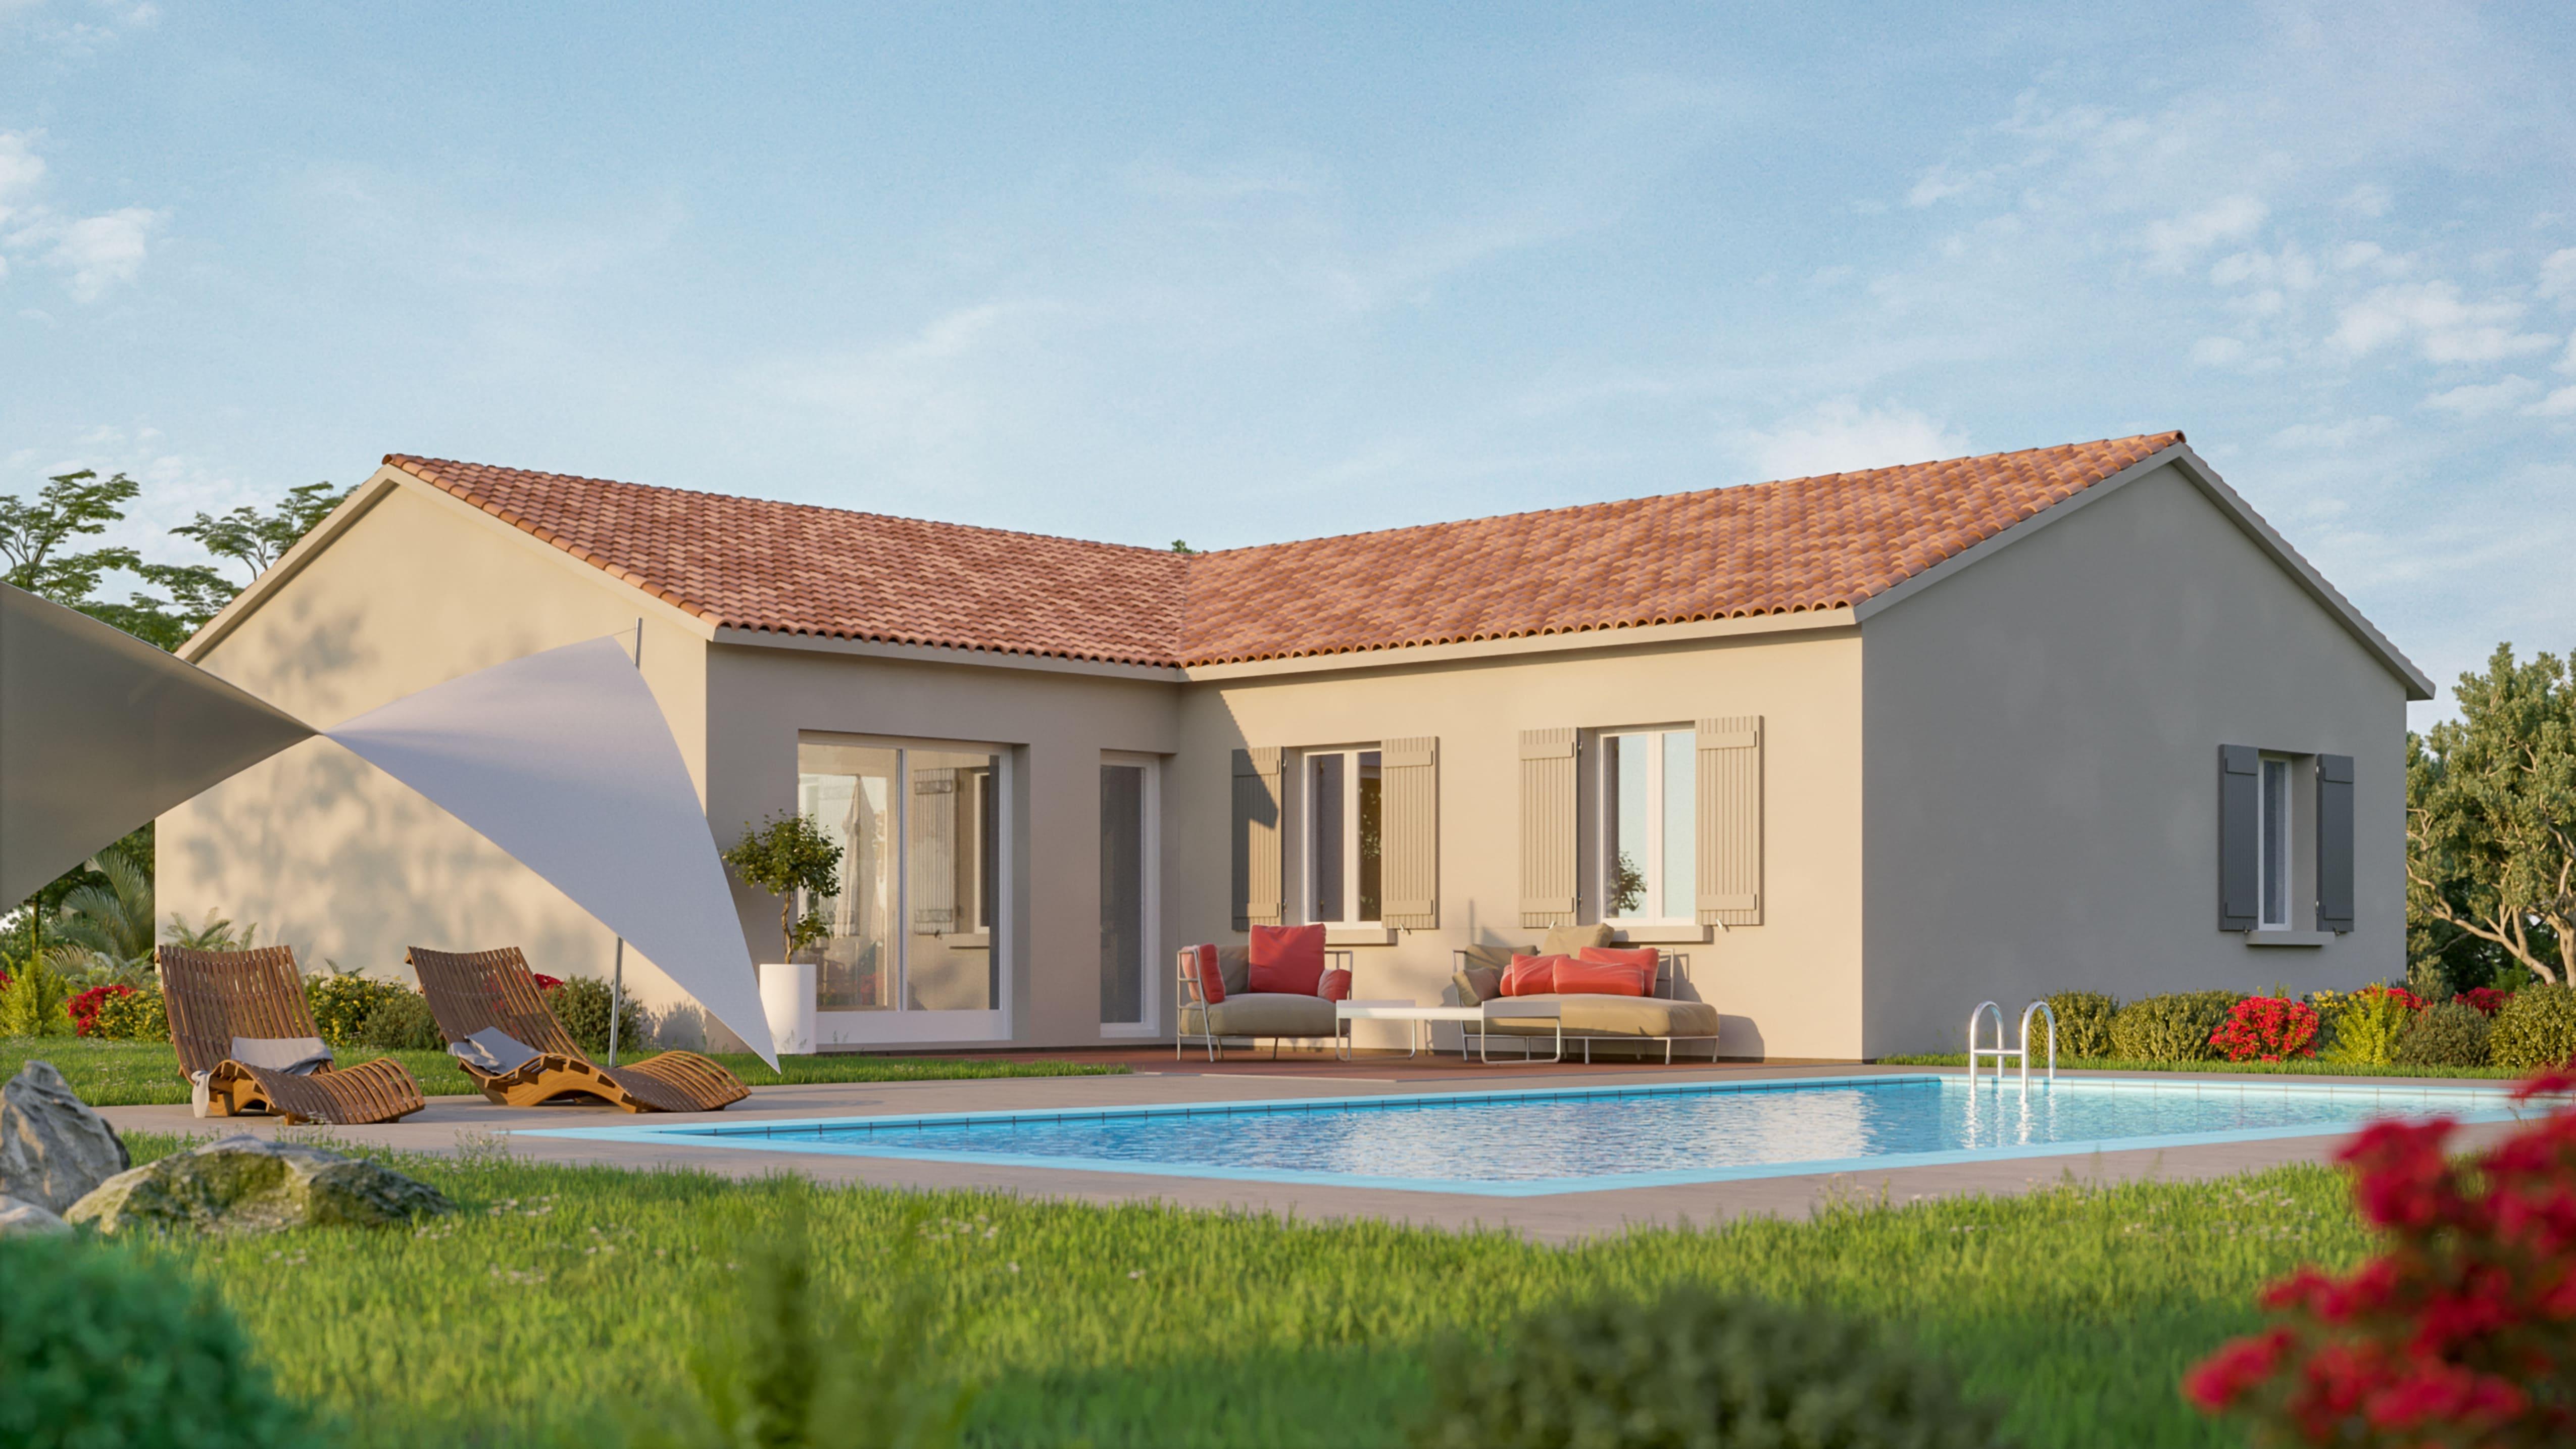 Maisons + Terrains du constructeur VIV'HOME • 96 m² • ANGLIERS